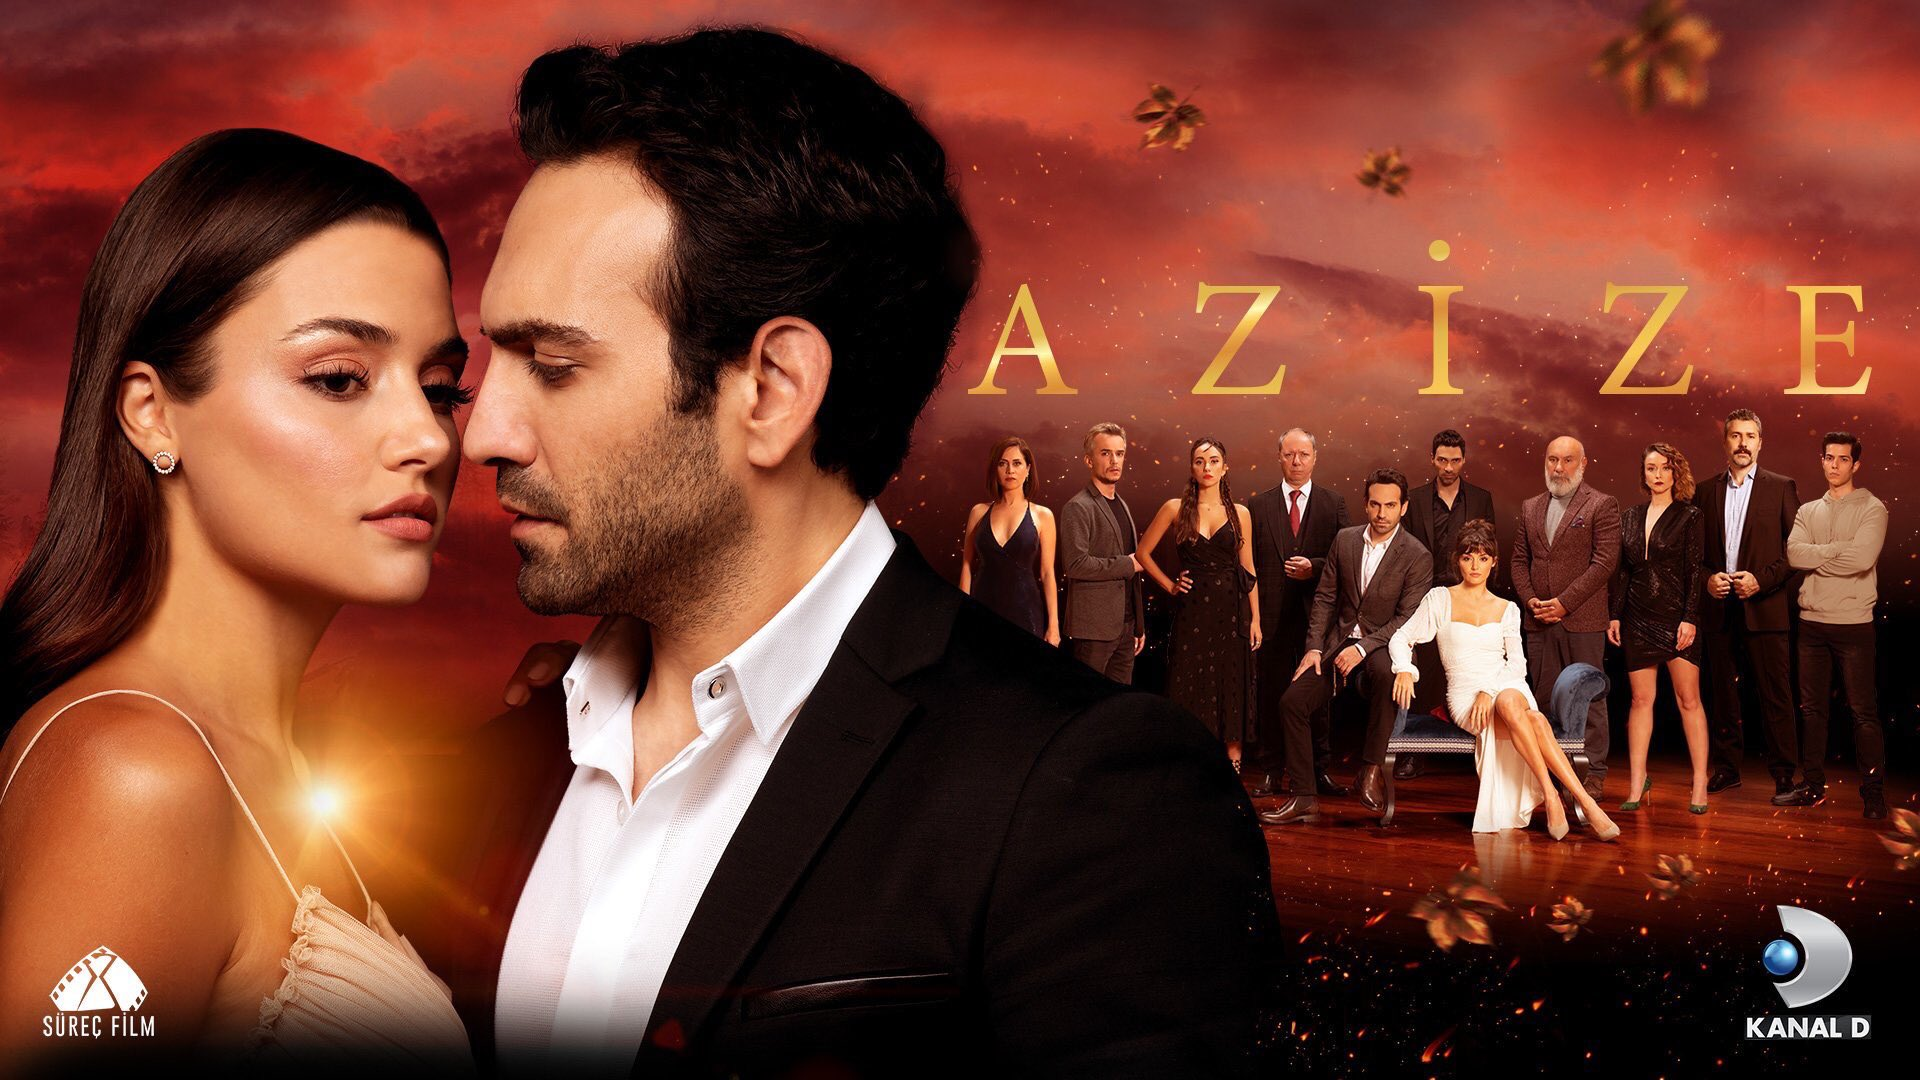 مسلسل عزيزة AZIZE بالعربية